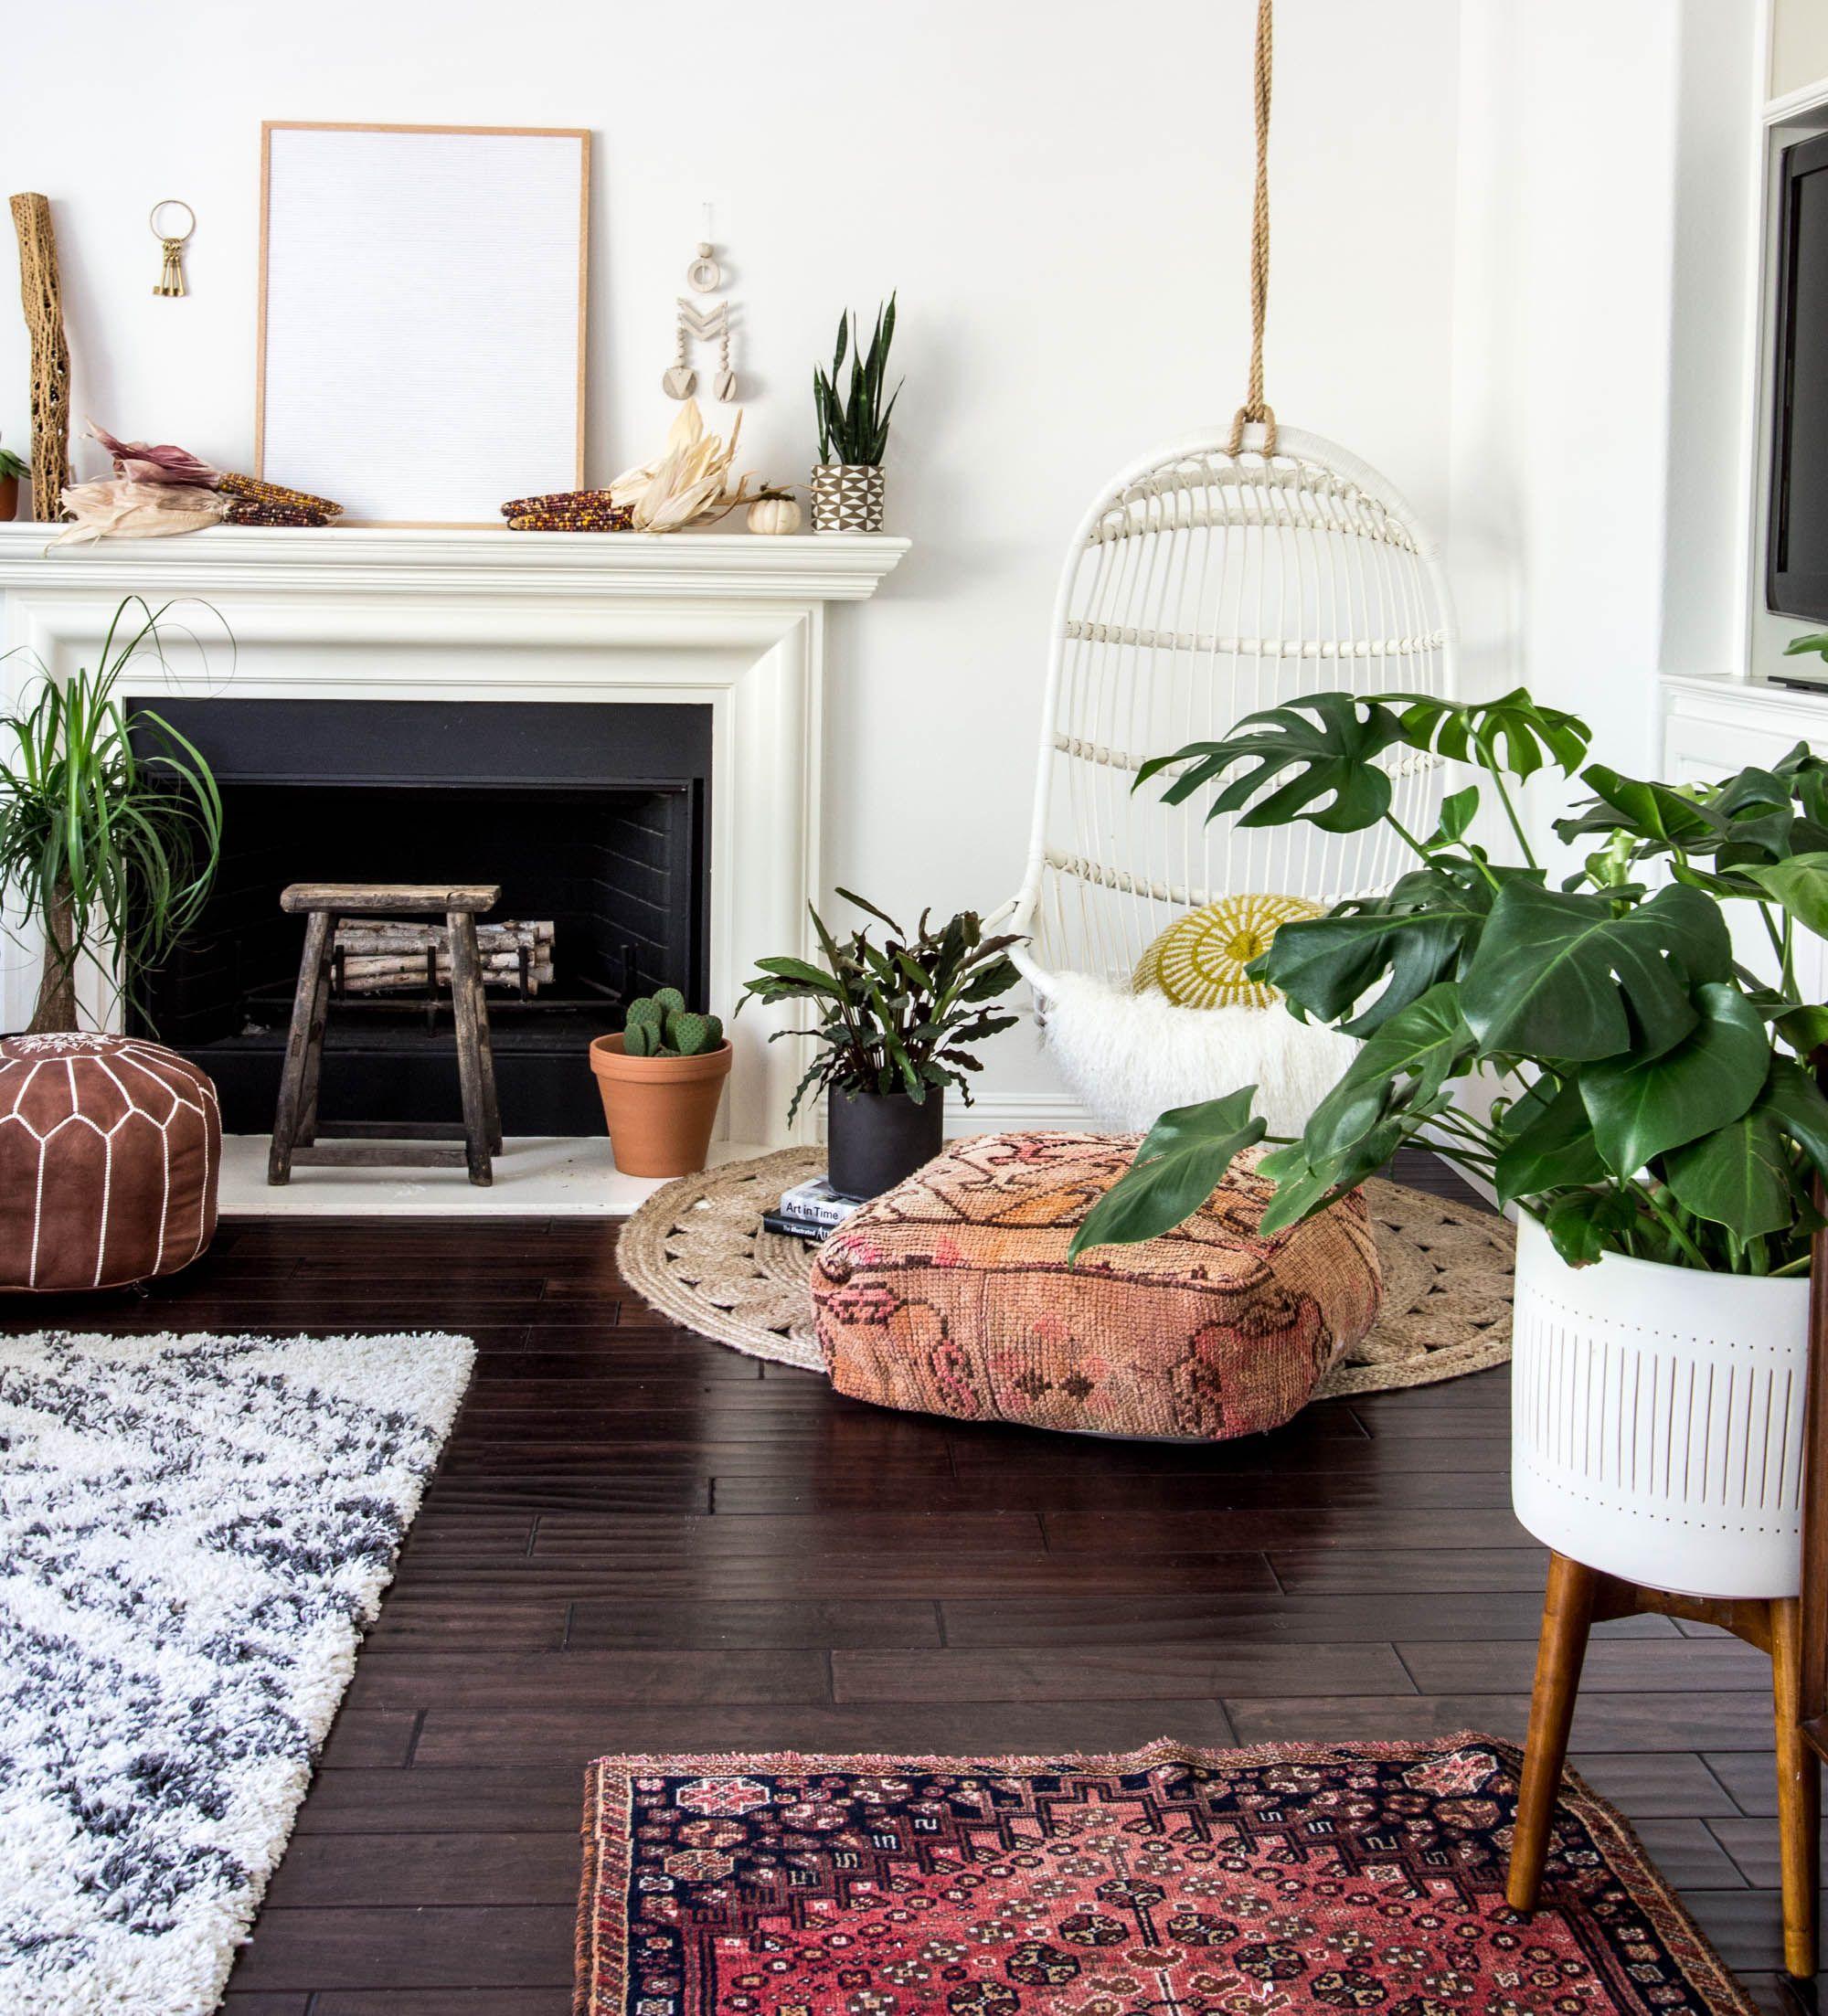 Anita Yokota Interior Designer Licensed Therapist Morrocan Decor Decor Retro Home Decor